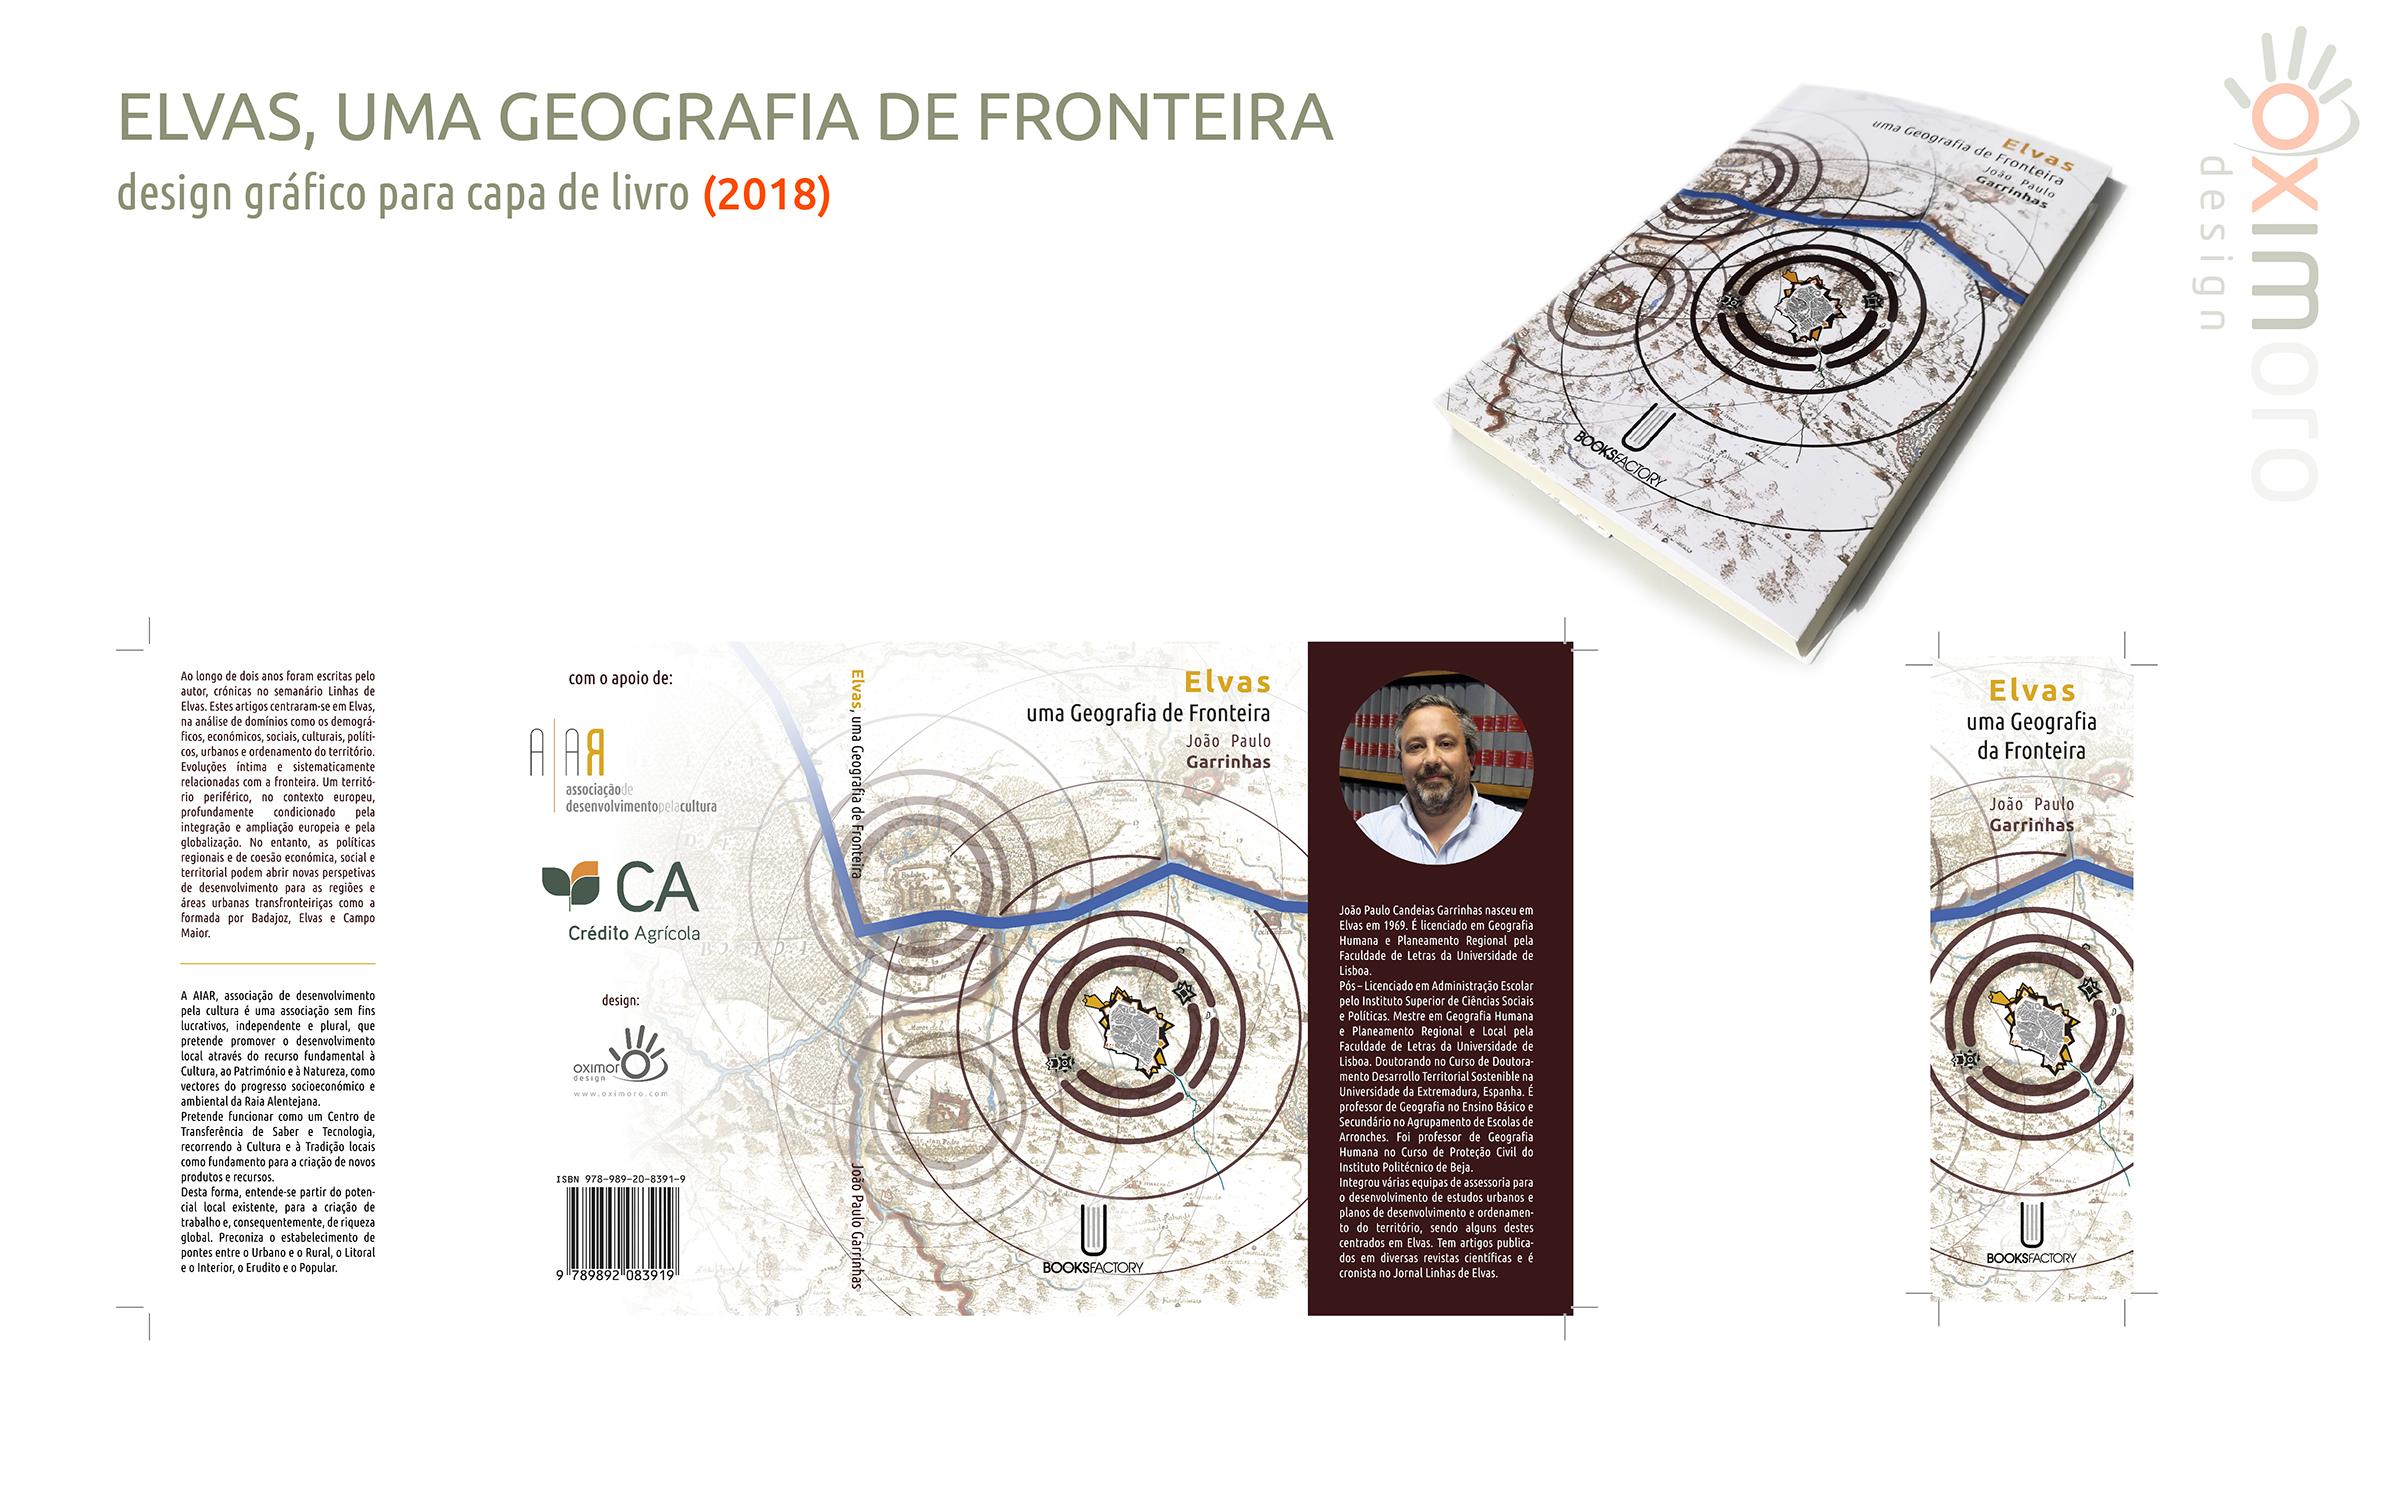 portefolio_2018_livro_garrinhas_180708